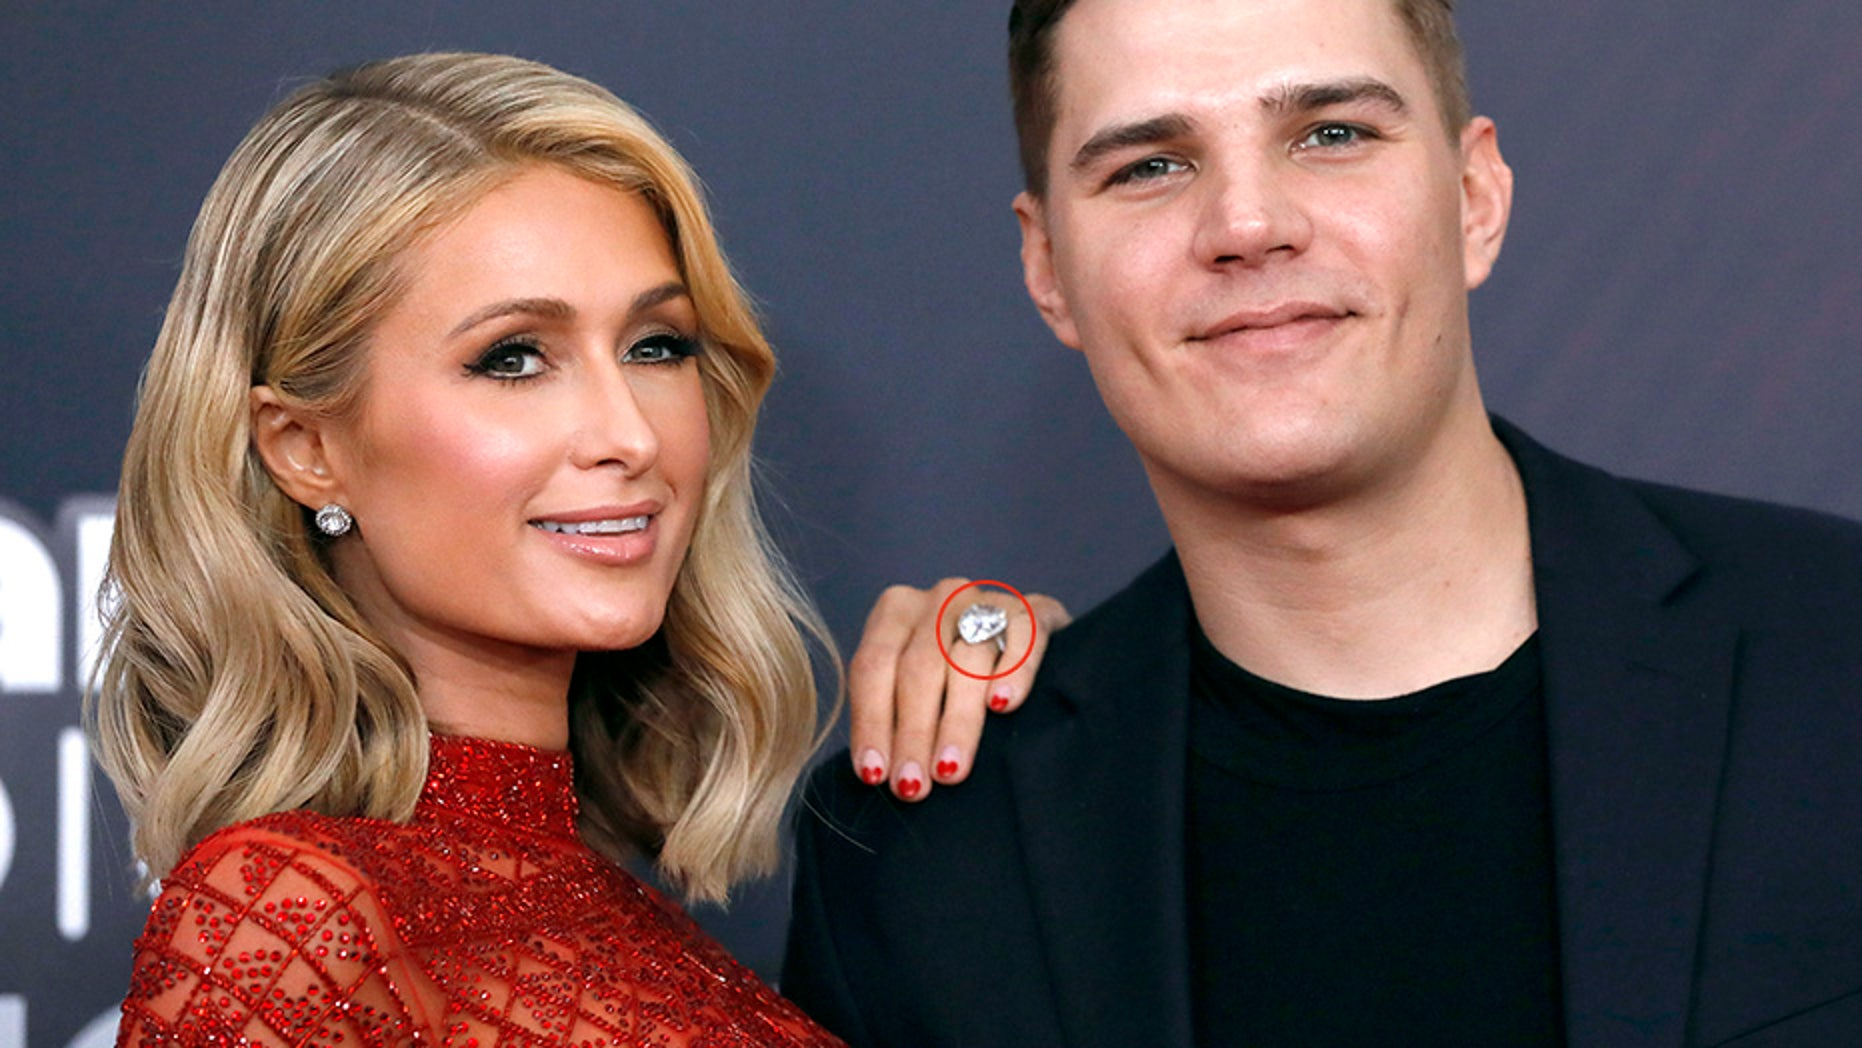 Paris Hilton has called off her 11-month engagement to fiancé Chris Zylka.